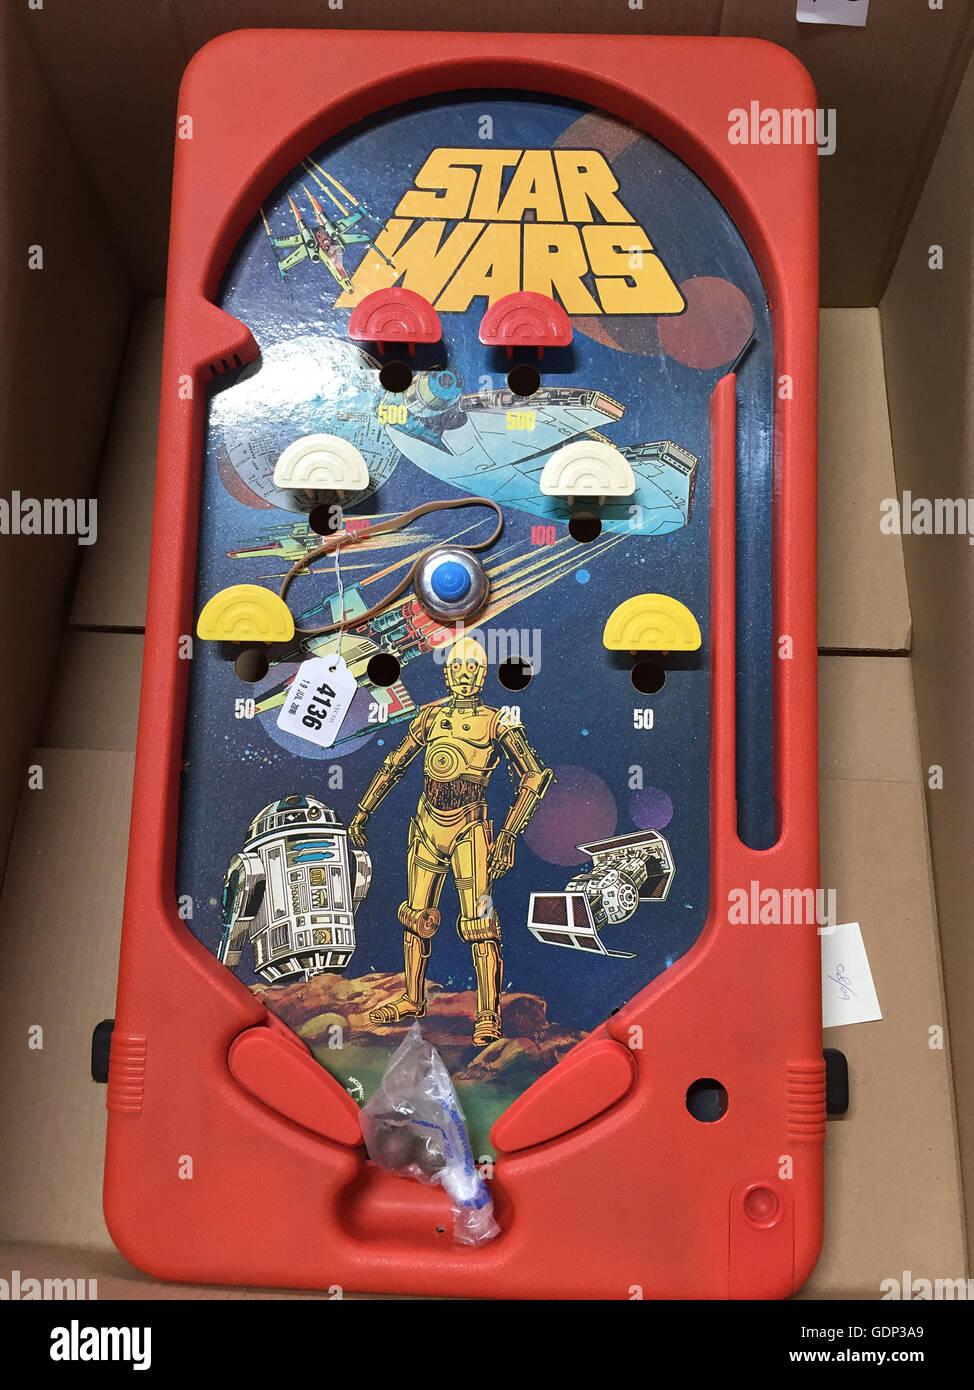 L'un des chiffres de Star Wars qui fait partie d'une grande collection privée de 700 articles qui sont censés rapporter autour de 500 000 £quand ils vont sous le marteau de Vectis Auctions en Thornaby, Teesside. Banque D'Images